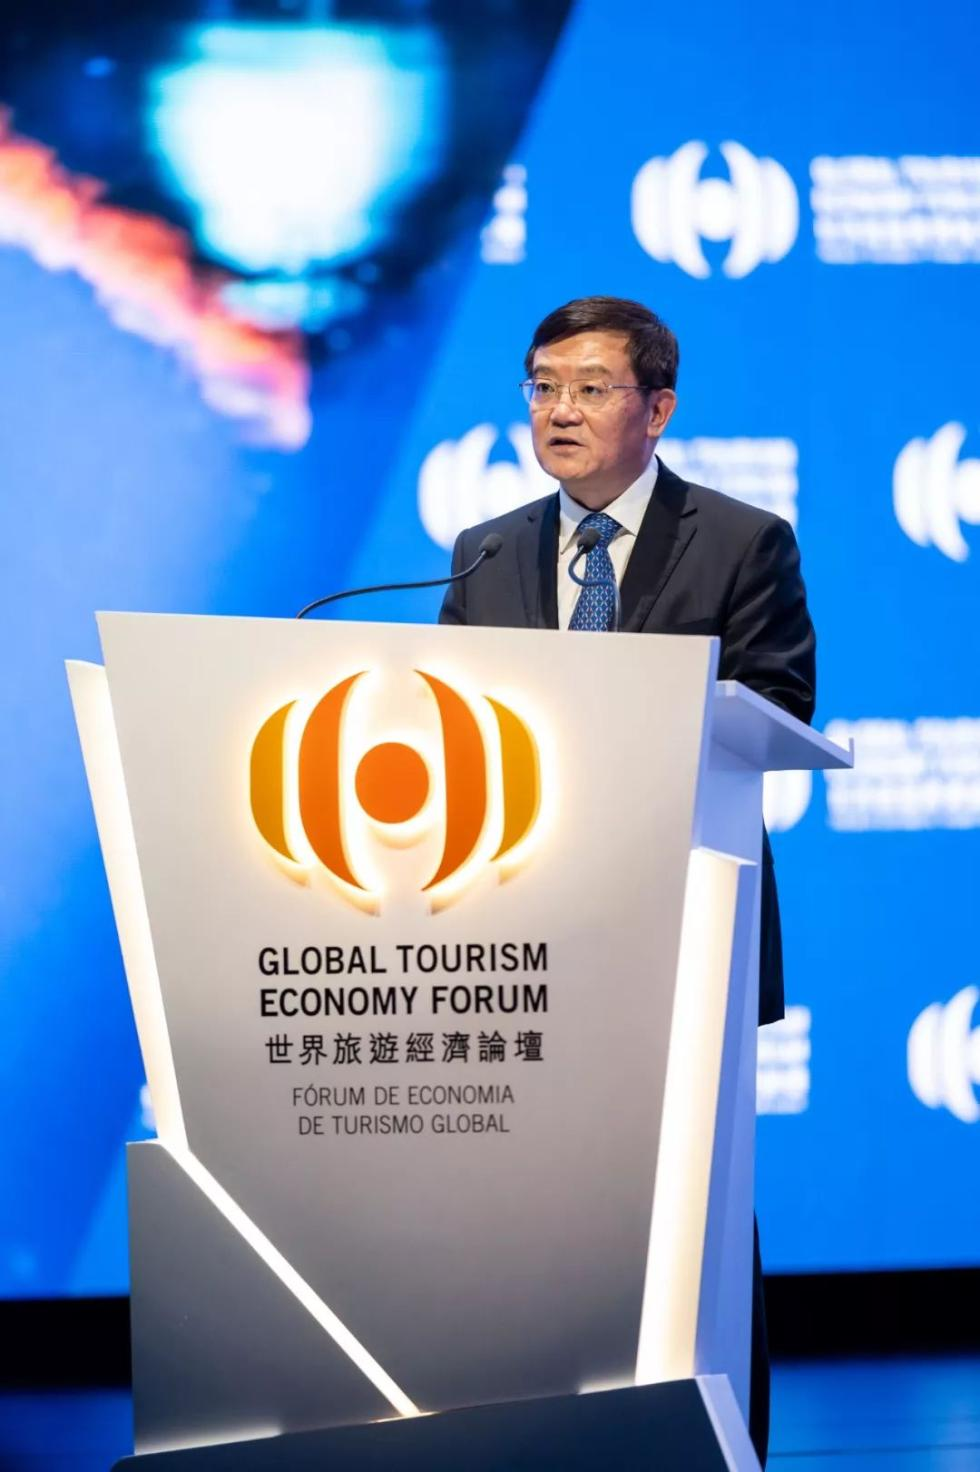 徐乐江率团出席第八届世界旅游经济论坛并访问澳门